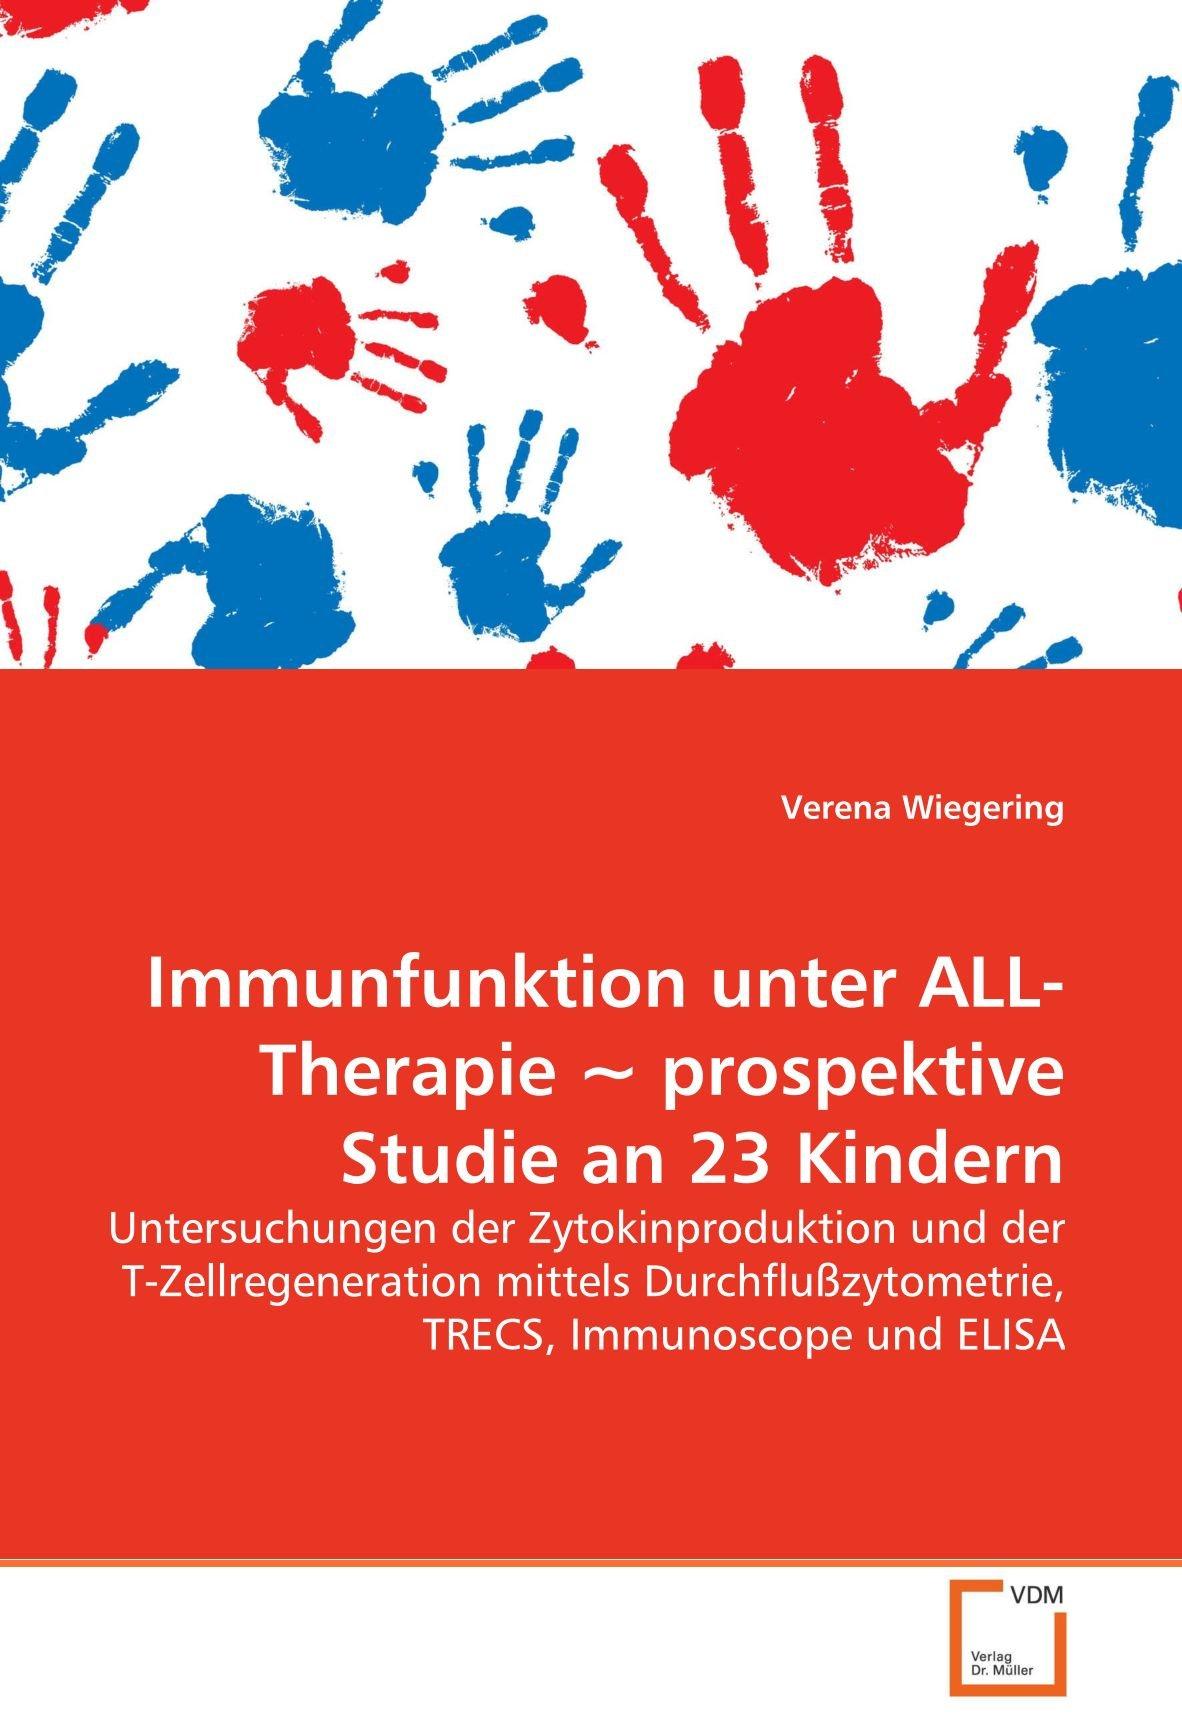 Download Immunfunktion unter ALL-Therapie ~ prospektive Studie an 23 Kindern: Untersuchungen der Zytokinproduktion und der T-Zellregeneration mittels ... TRECS, Immunoscope und ELISA (German Edition) PDF